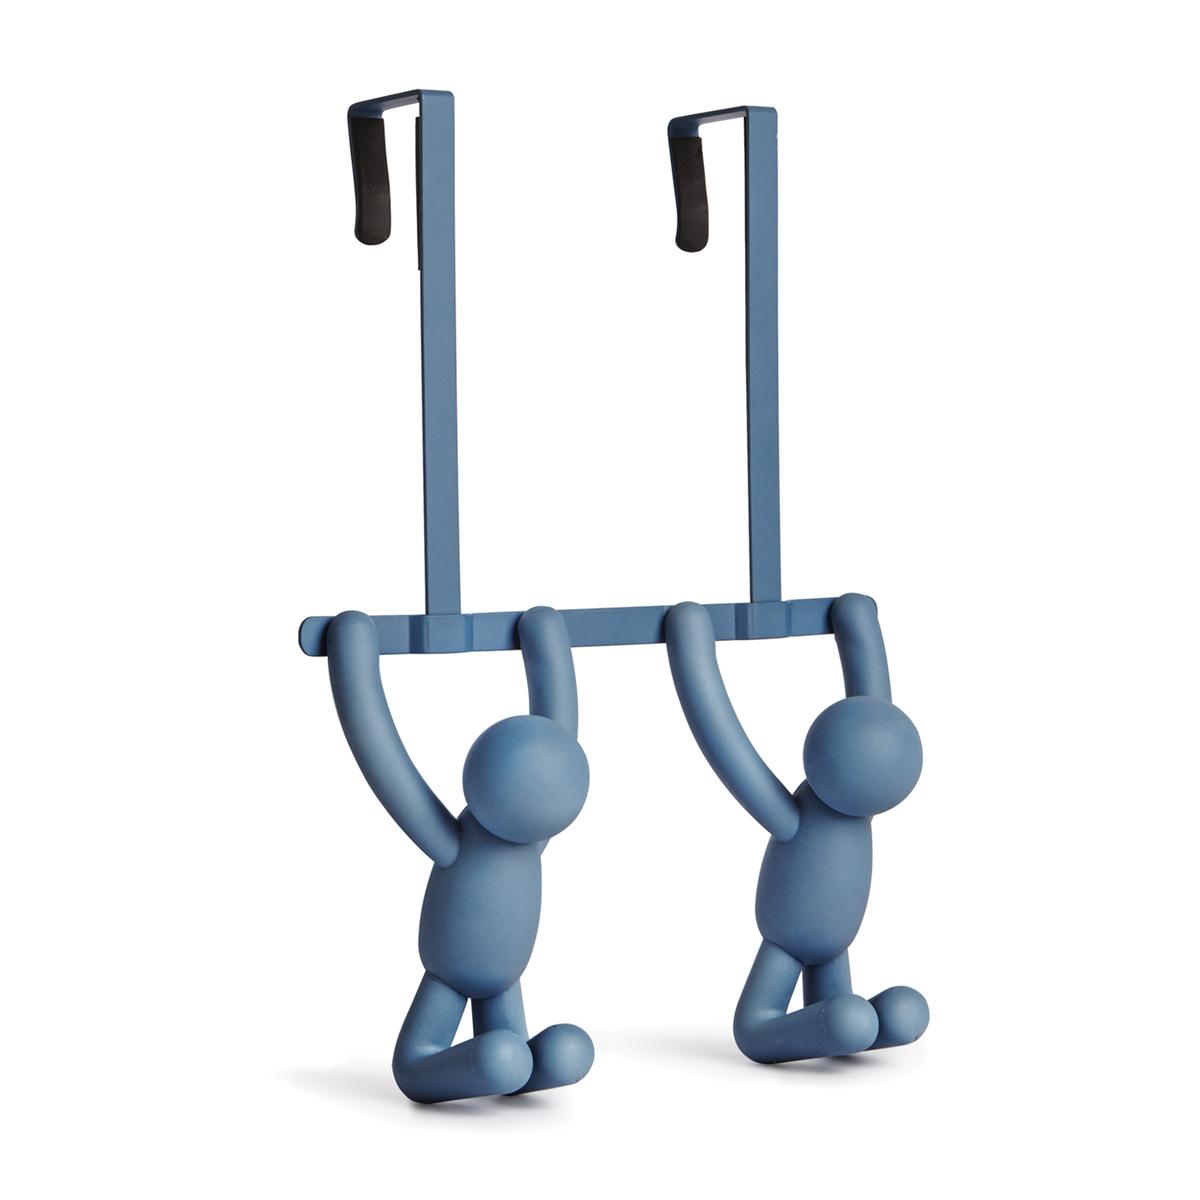 Вешалка на дверь Umbra Buddy, цвет: синий1004260-755Пополнение в коллекции Buddy – двойные крючки с надверным креплением. Могут легко перемещаться с двери в ванную на дверь в спальню и обратно, а на выходные запросто переехать на дачу. Крючки рассчитаны на межкомнатные двери стандартной глубины. Внутри каждого крючка предусмотрены мягкие амортизаторы, защищающие дверь от царапин Дизайнеры Wesley Chau & Alan Wisniewski